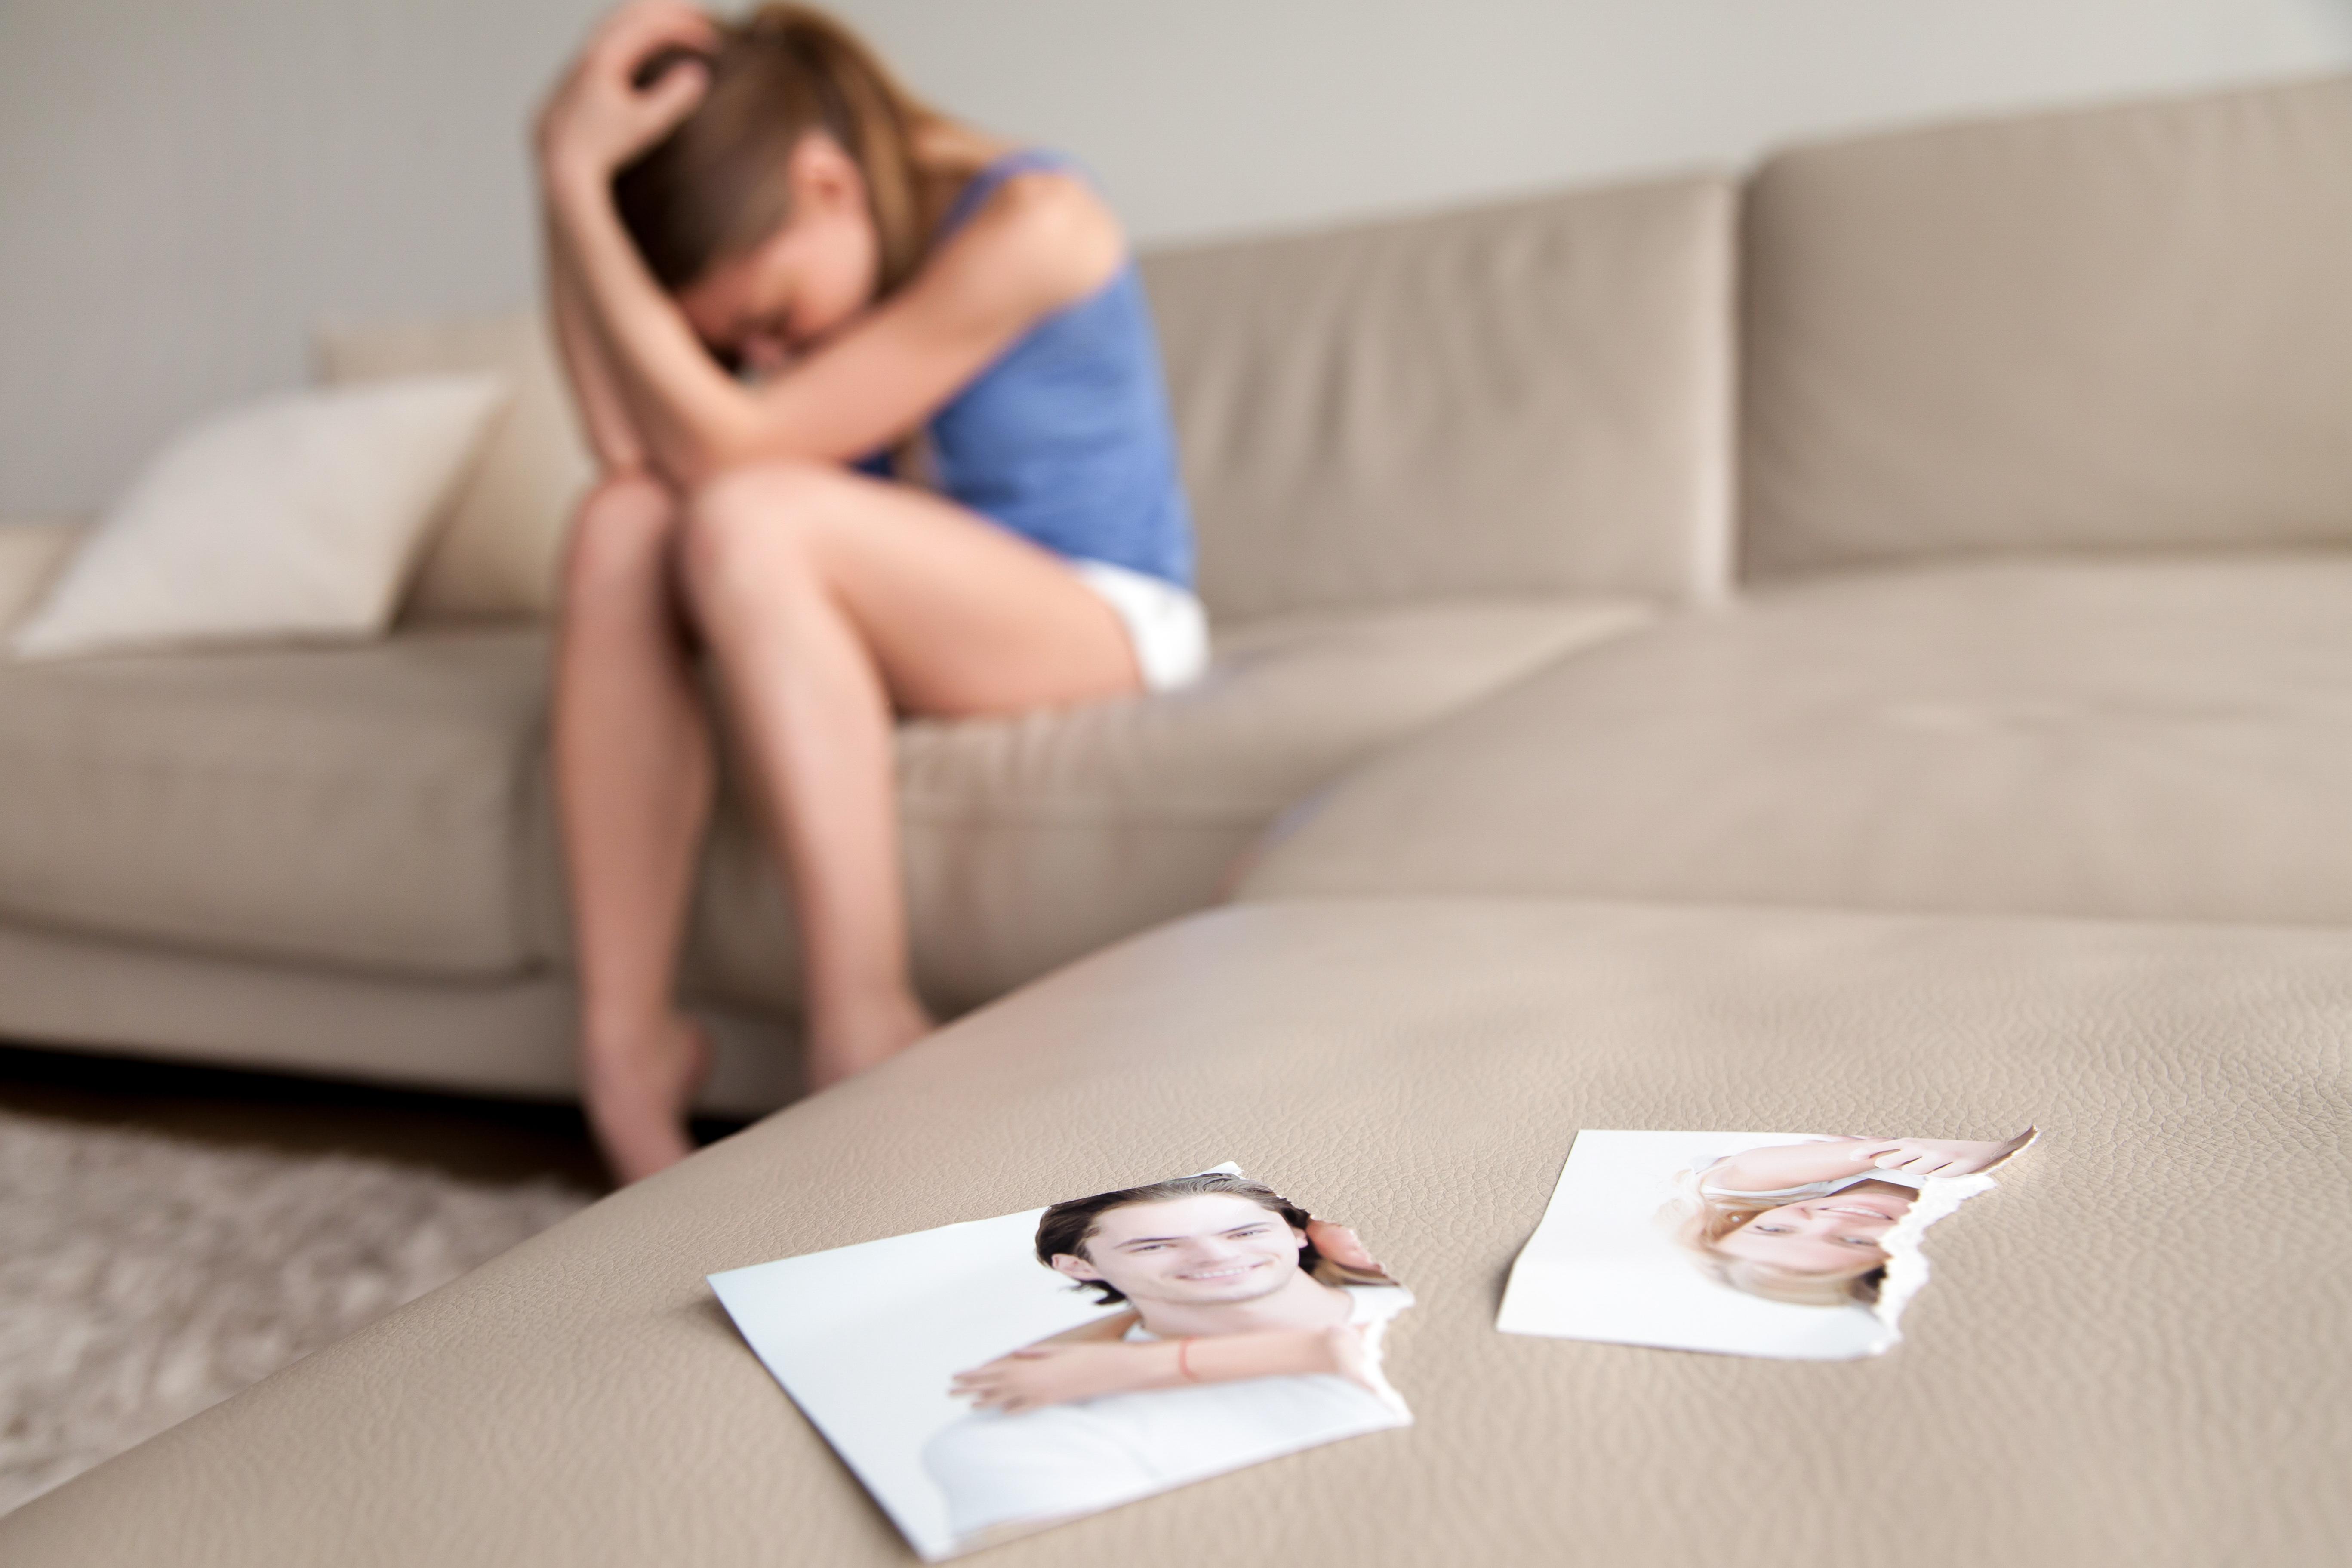 fases del duelo por una ruptura